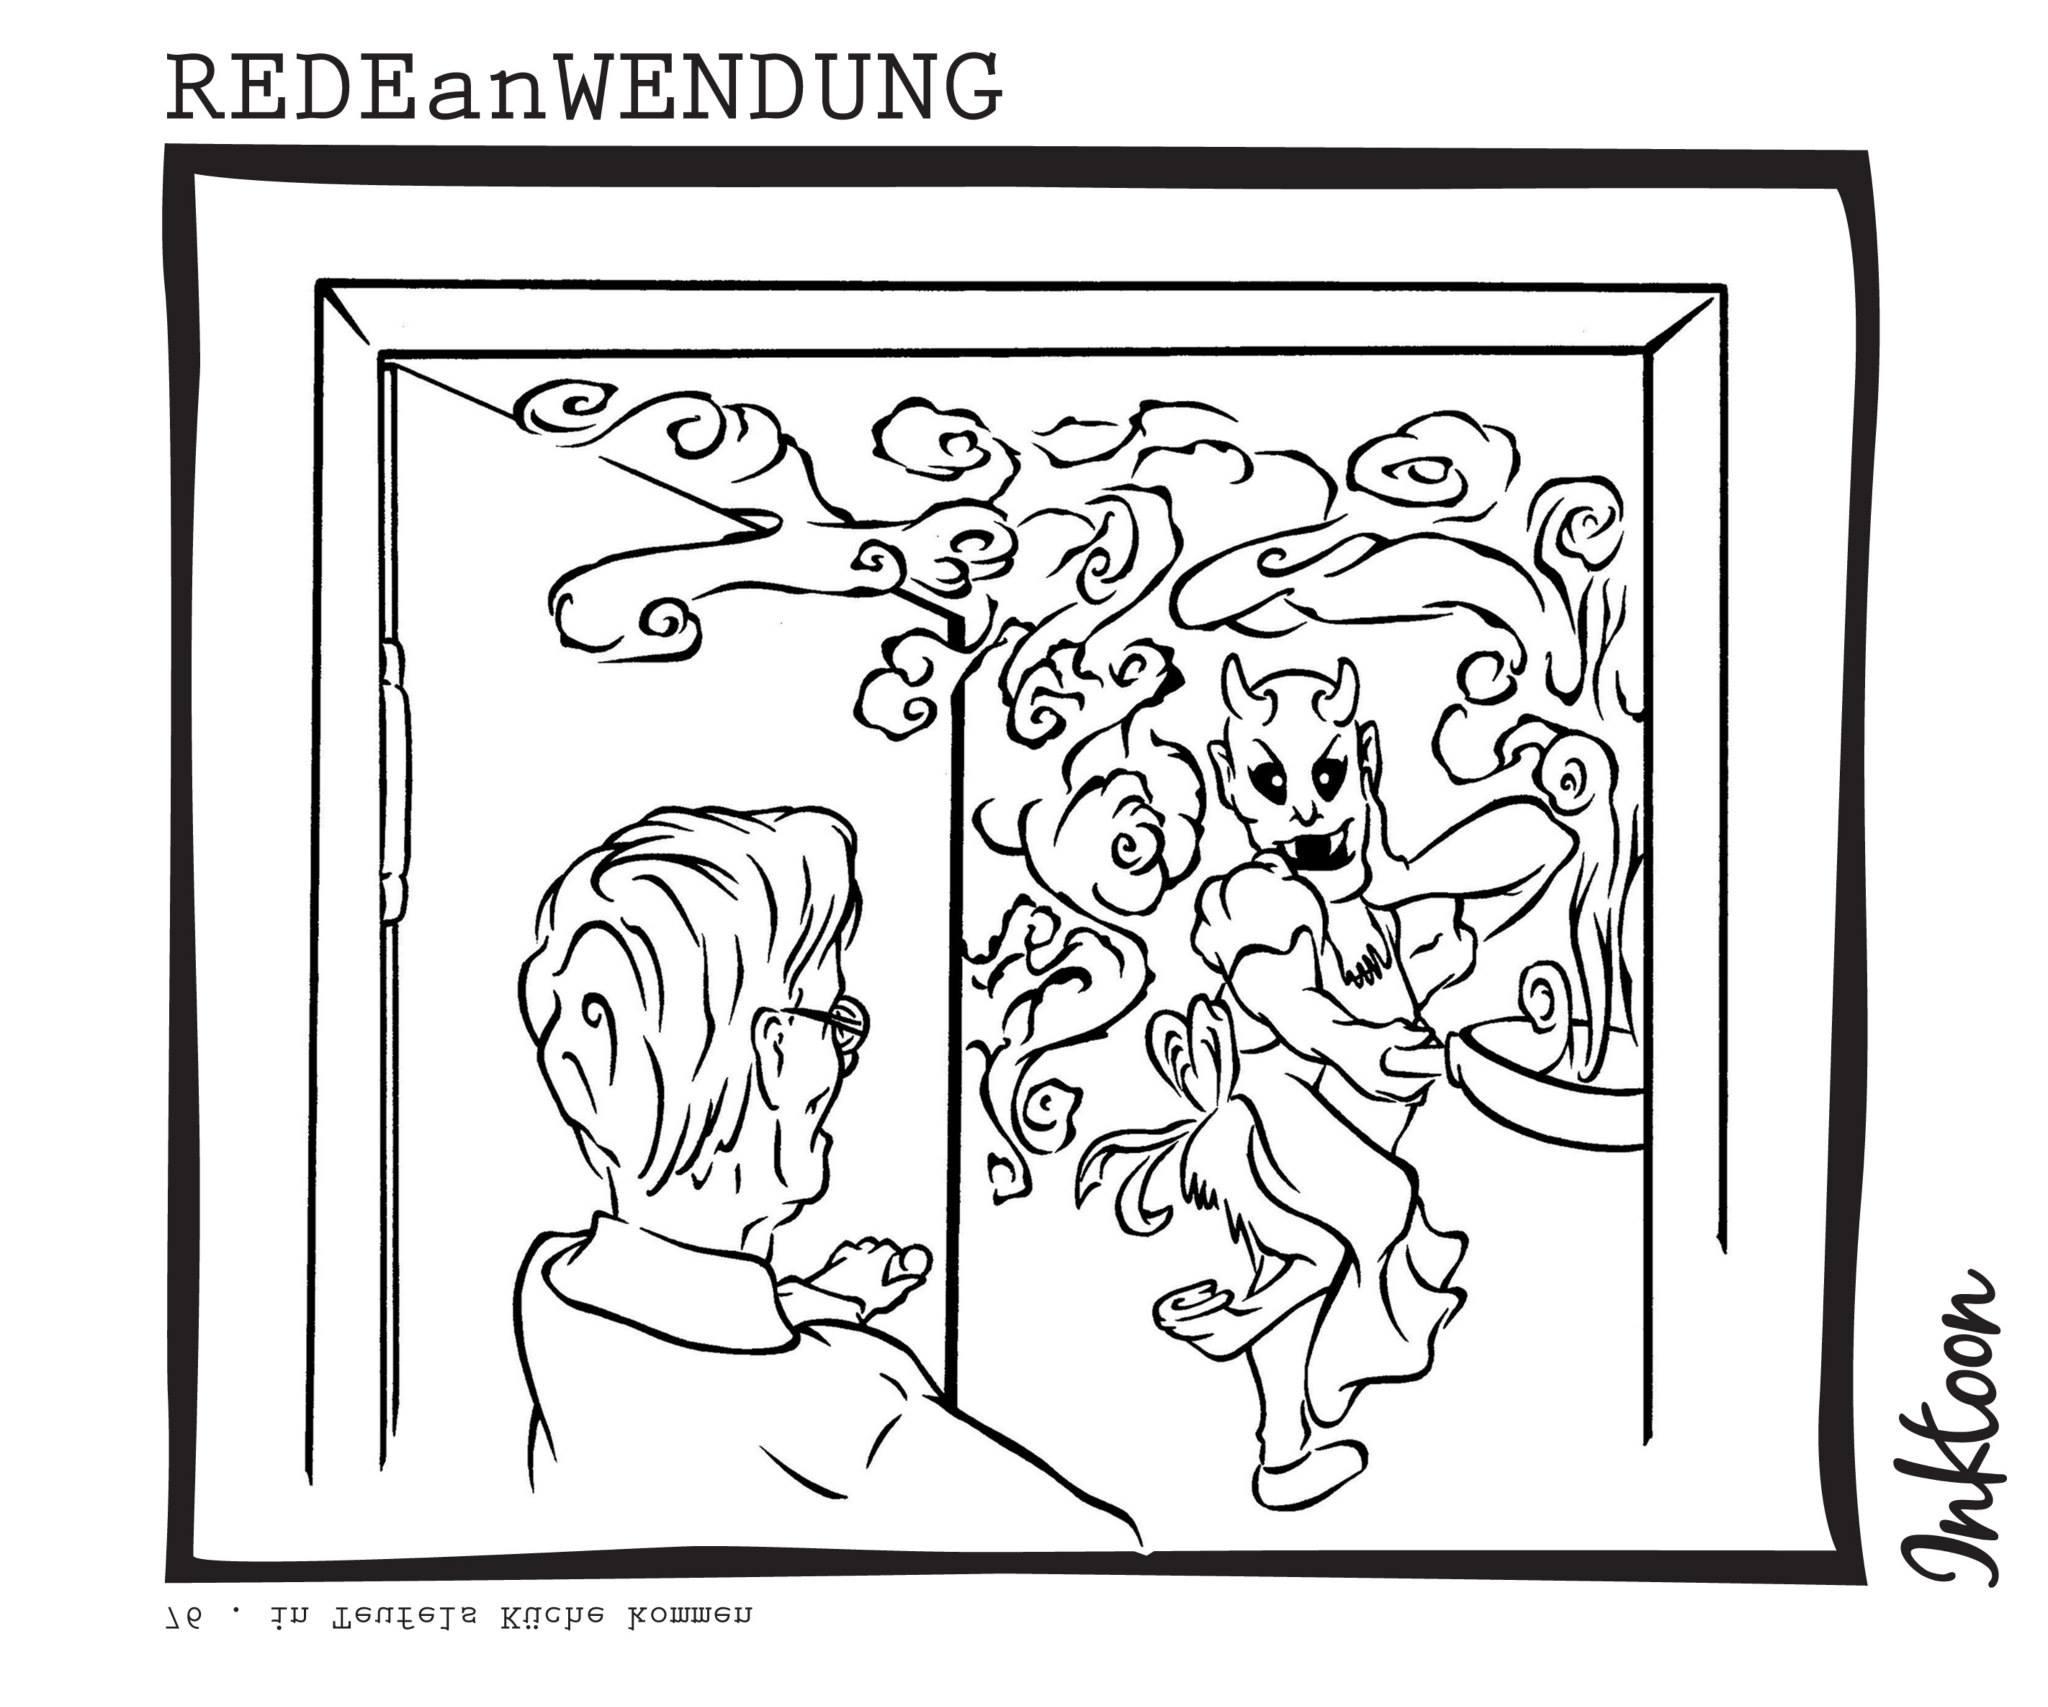 Wohin kommt man wenn man in eine mißbräuchliche Lage kommt durch Schwierigkeiten Peinlichkeiten oder Probleme in Teufels Küche TeufelskücheRedewendung Redeanwendung Bilderrätsel toon inktoon Illustration Grafik Sprichwort Bild